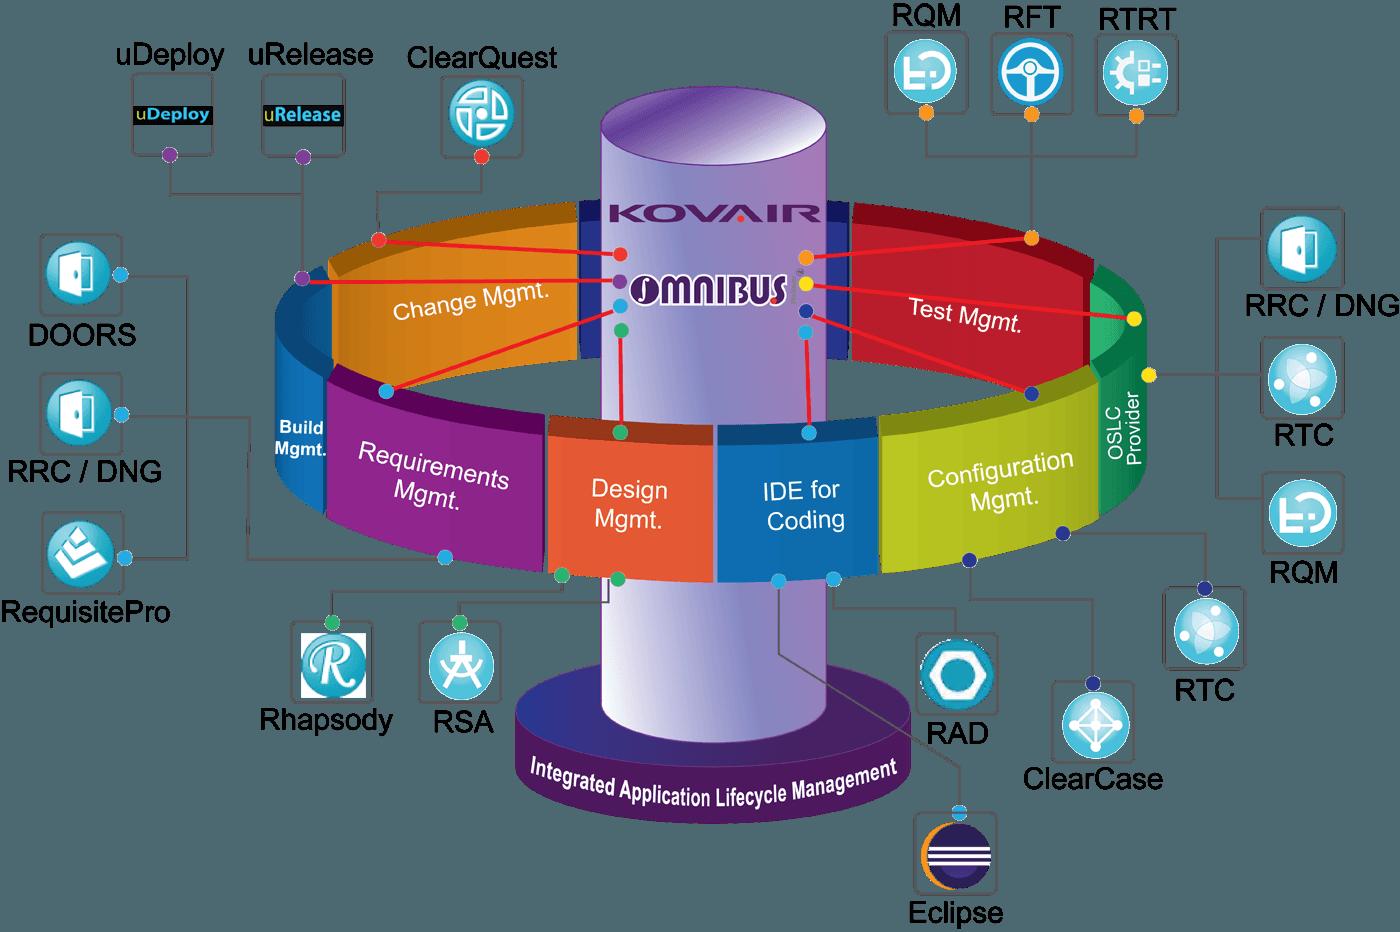 Kovair Integration Support for IBM Tools